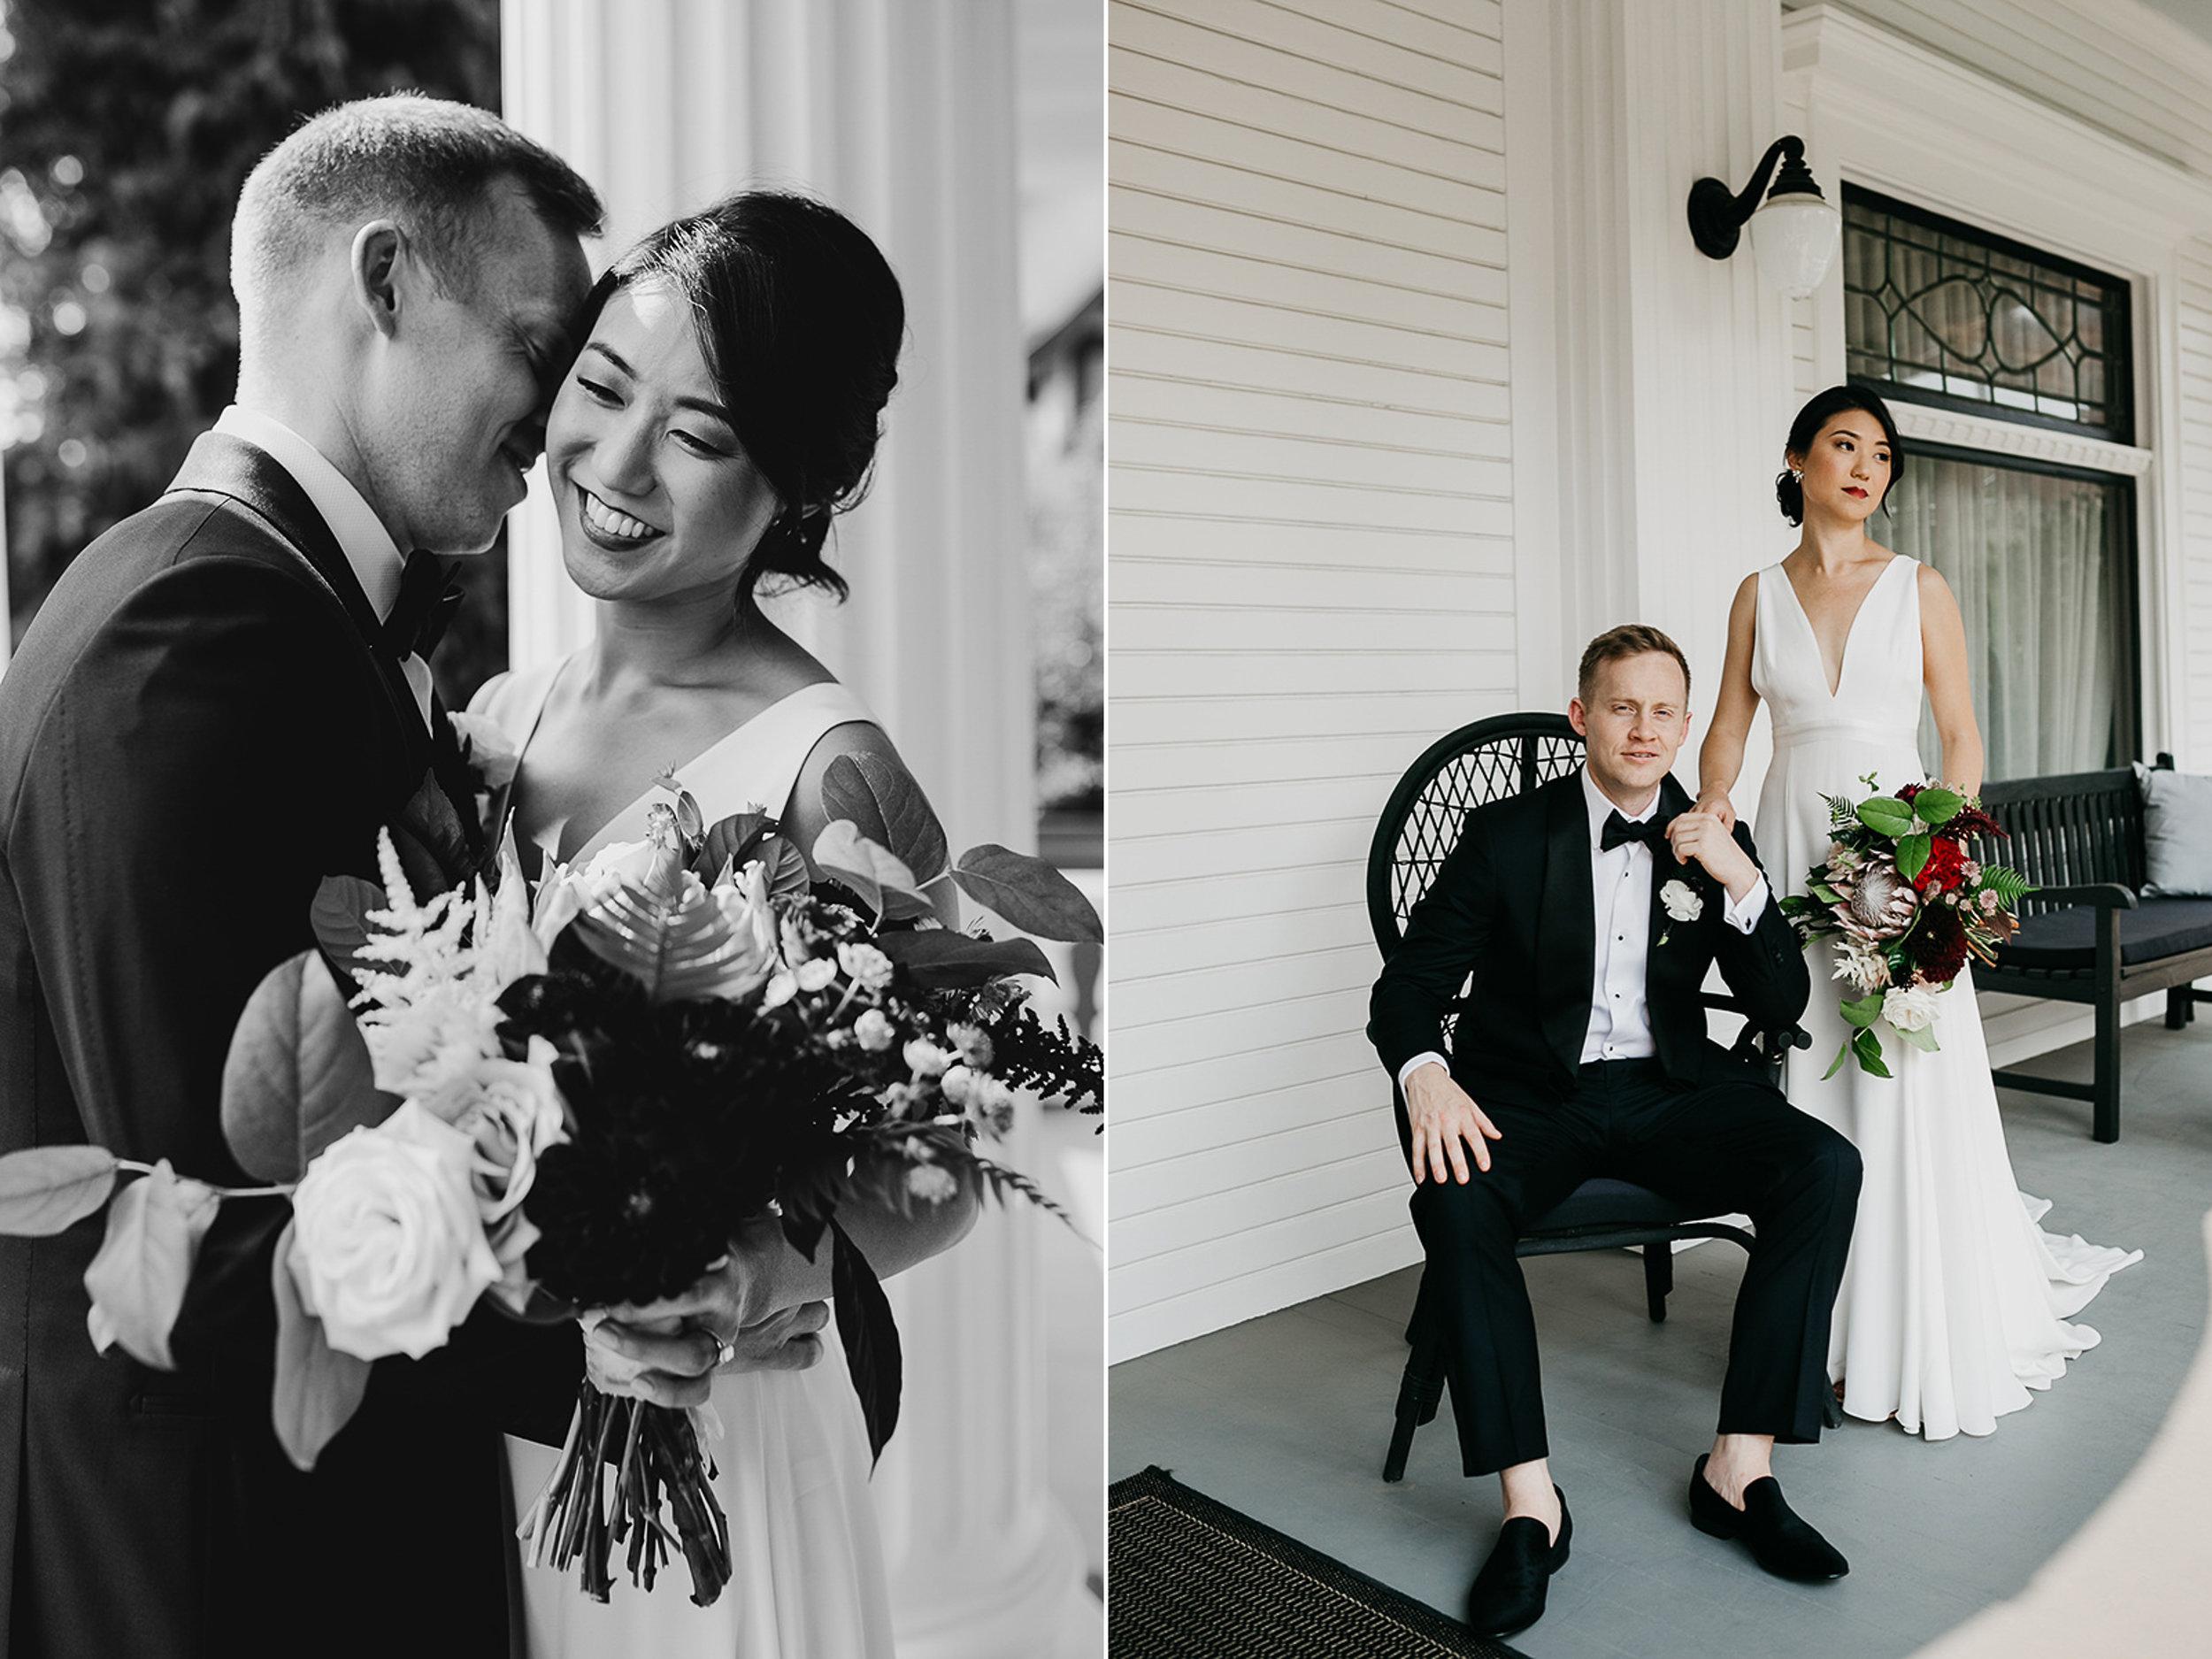 Walla walla - washington - wedding - photographer012.jpg